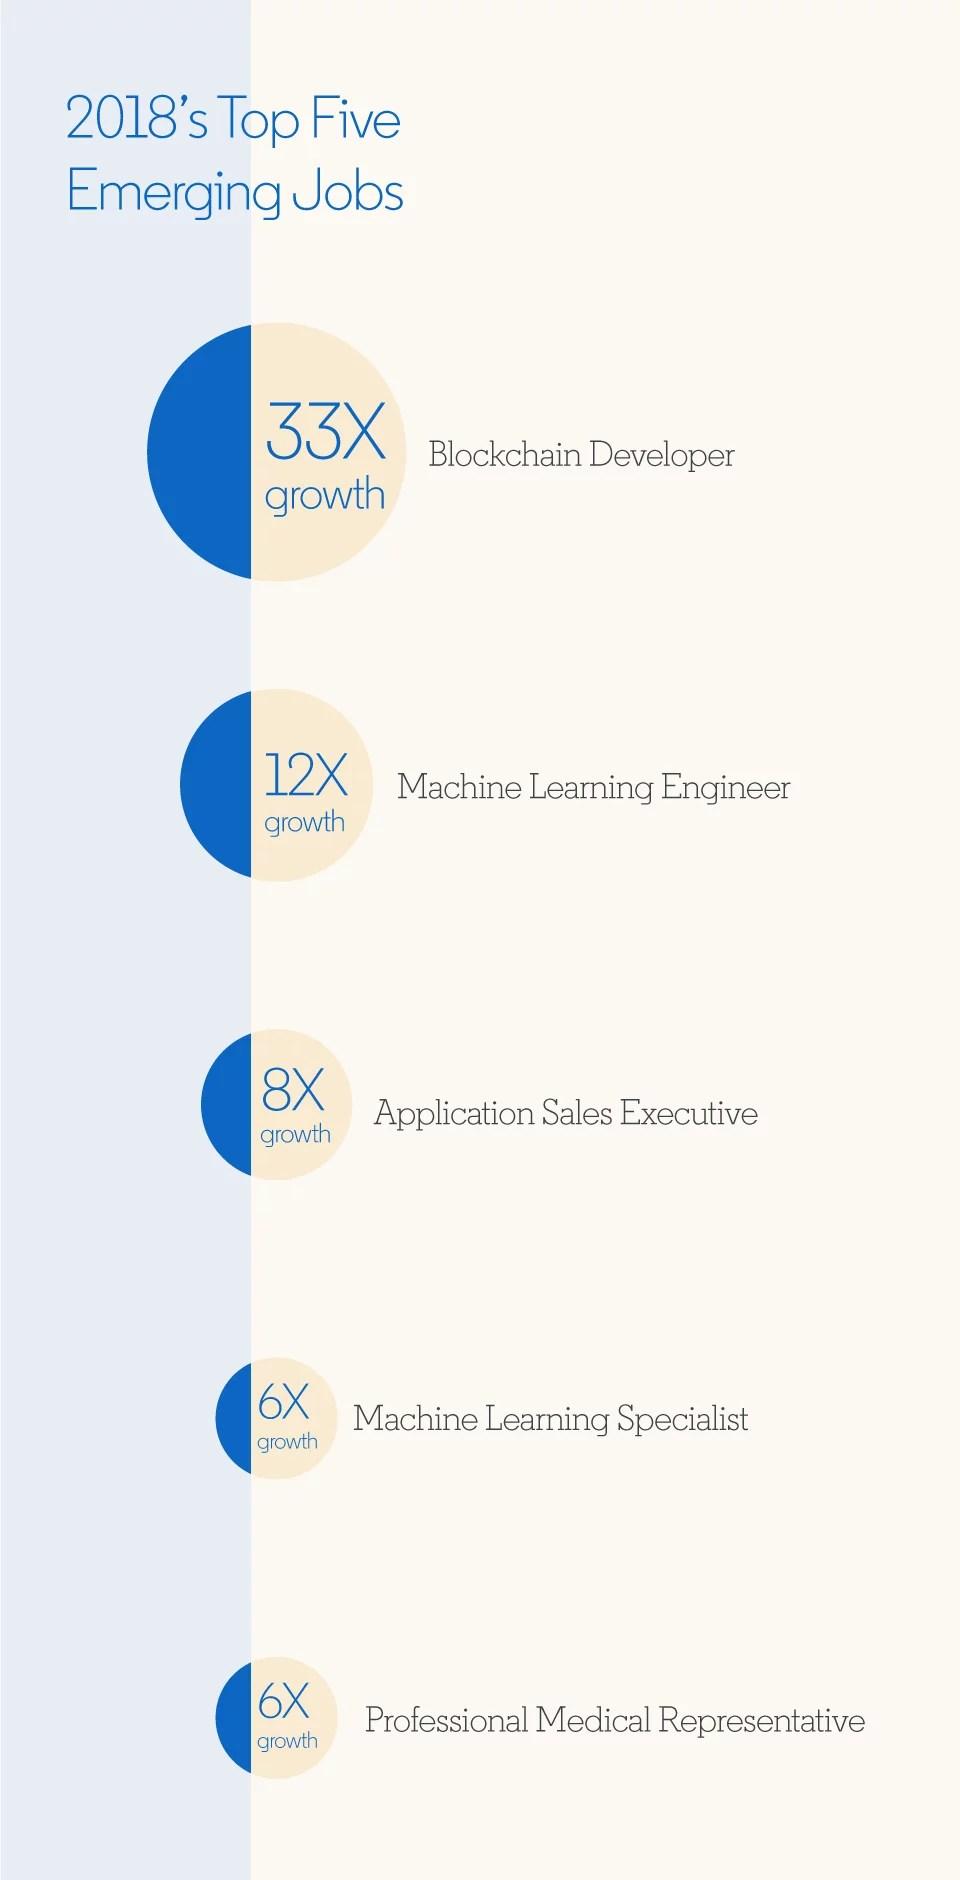 Infografia de empleos emergentes en el 2018 según linkedin